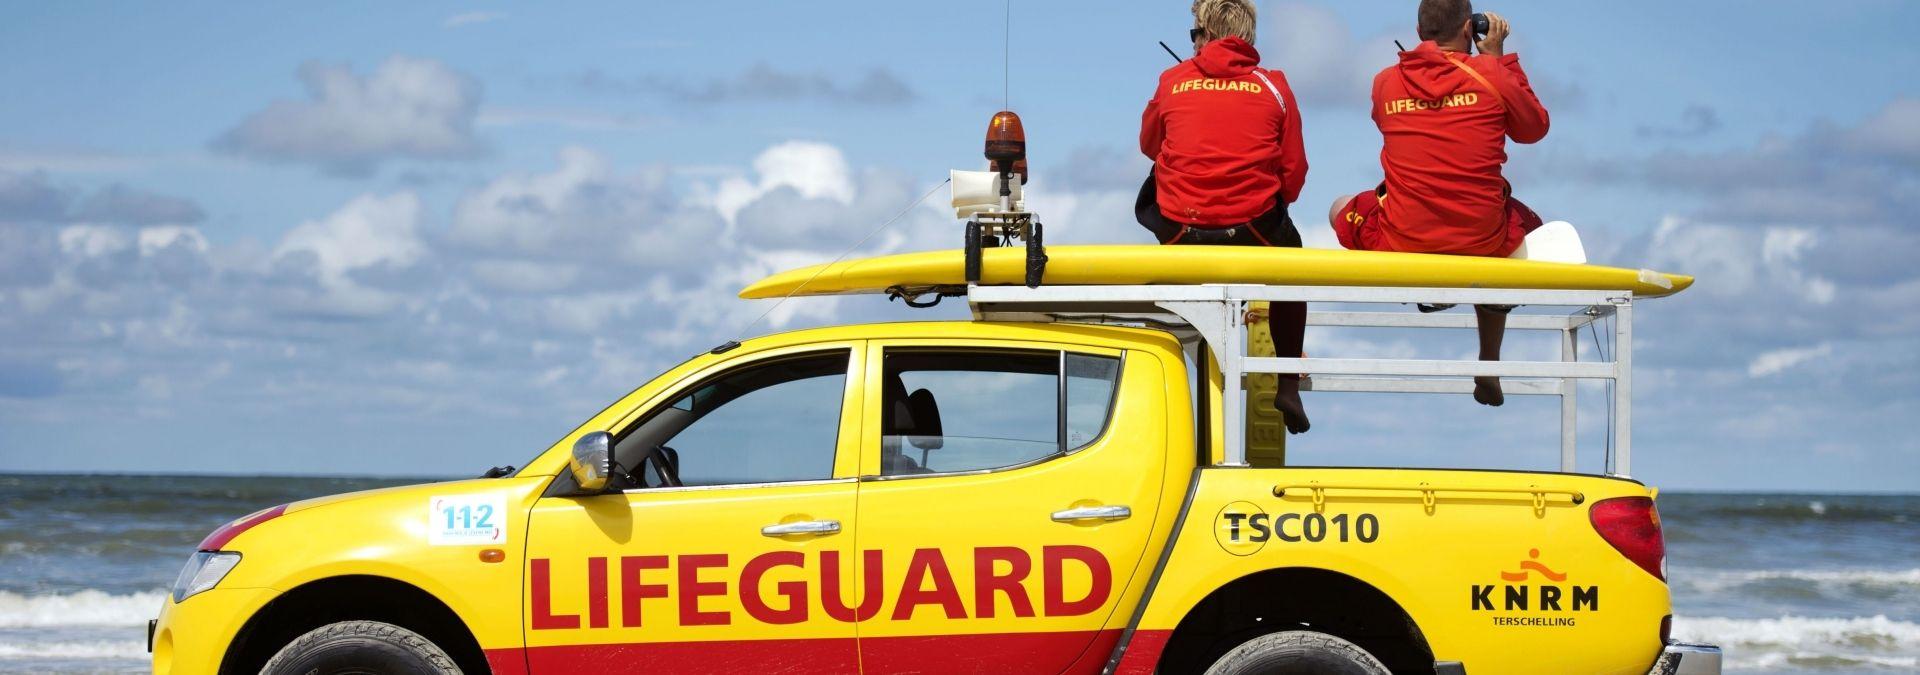 KNRM Lifeguards houden toezicht Terschelling | Foto Olaf Kraak